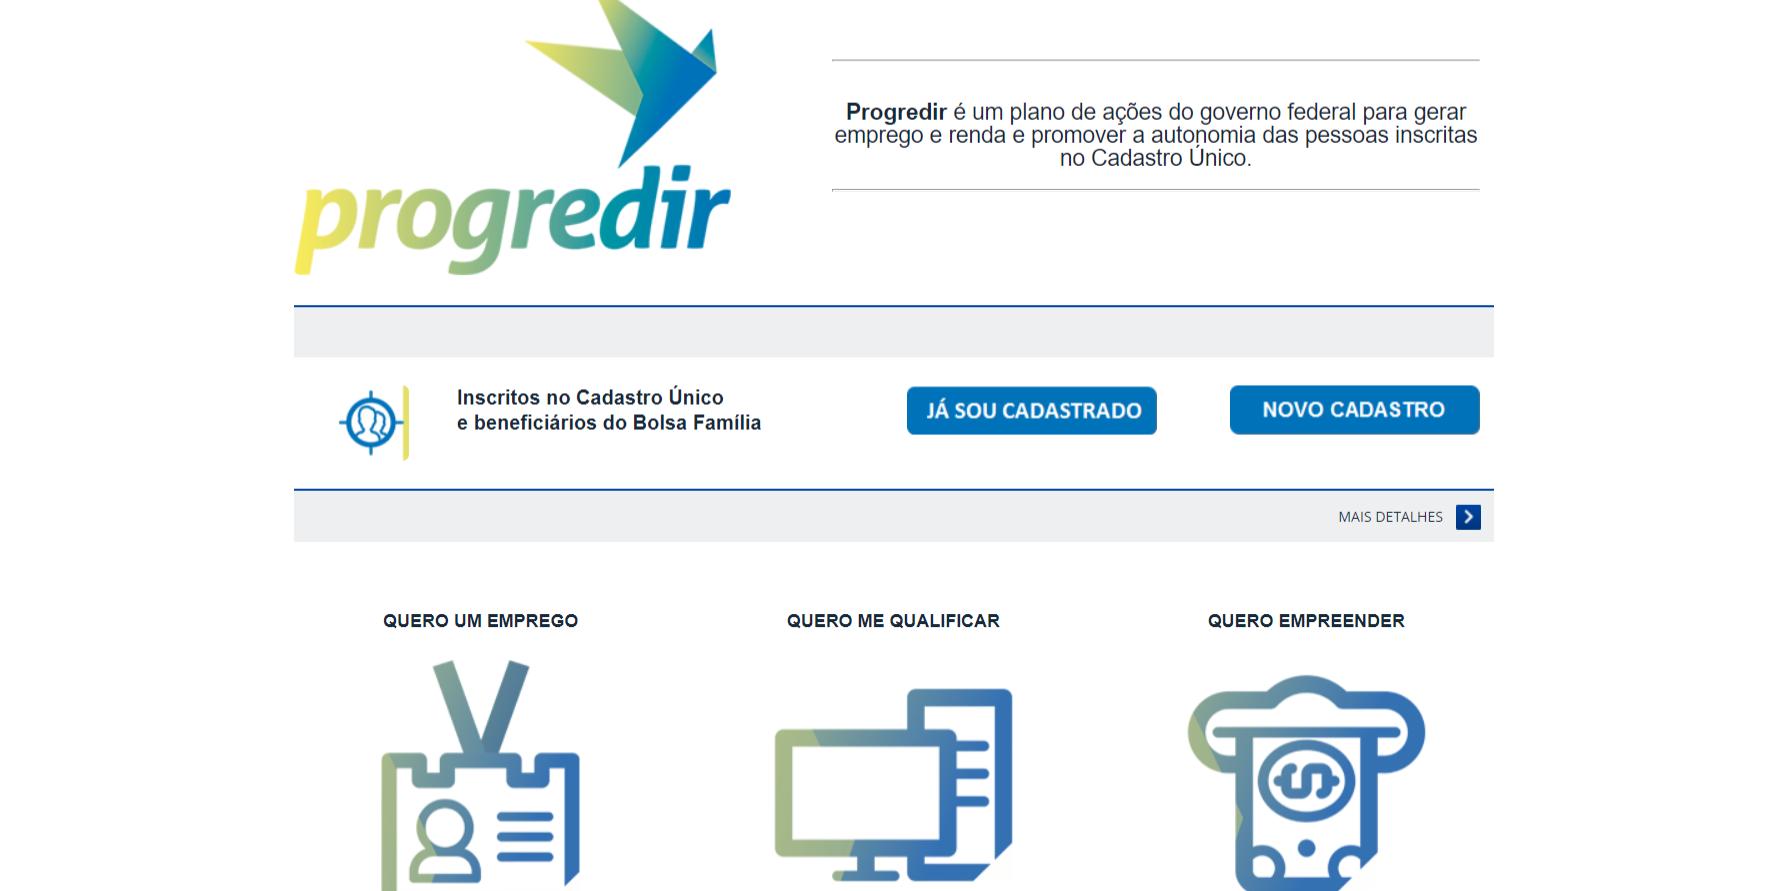 Empréstimo para Bolsa Família de até R$ 15 mil: como solicitar